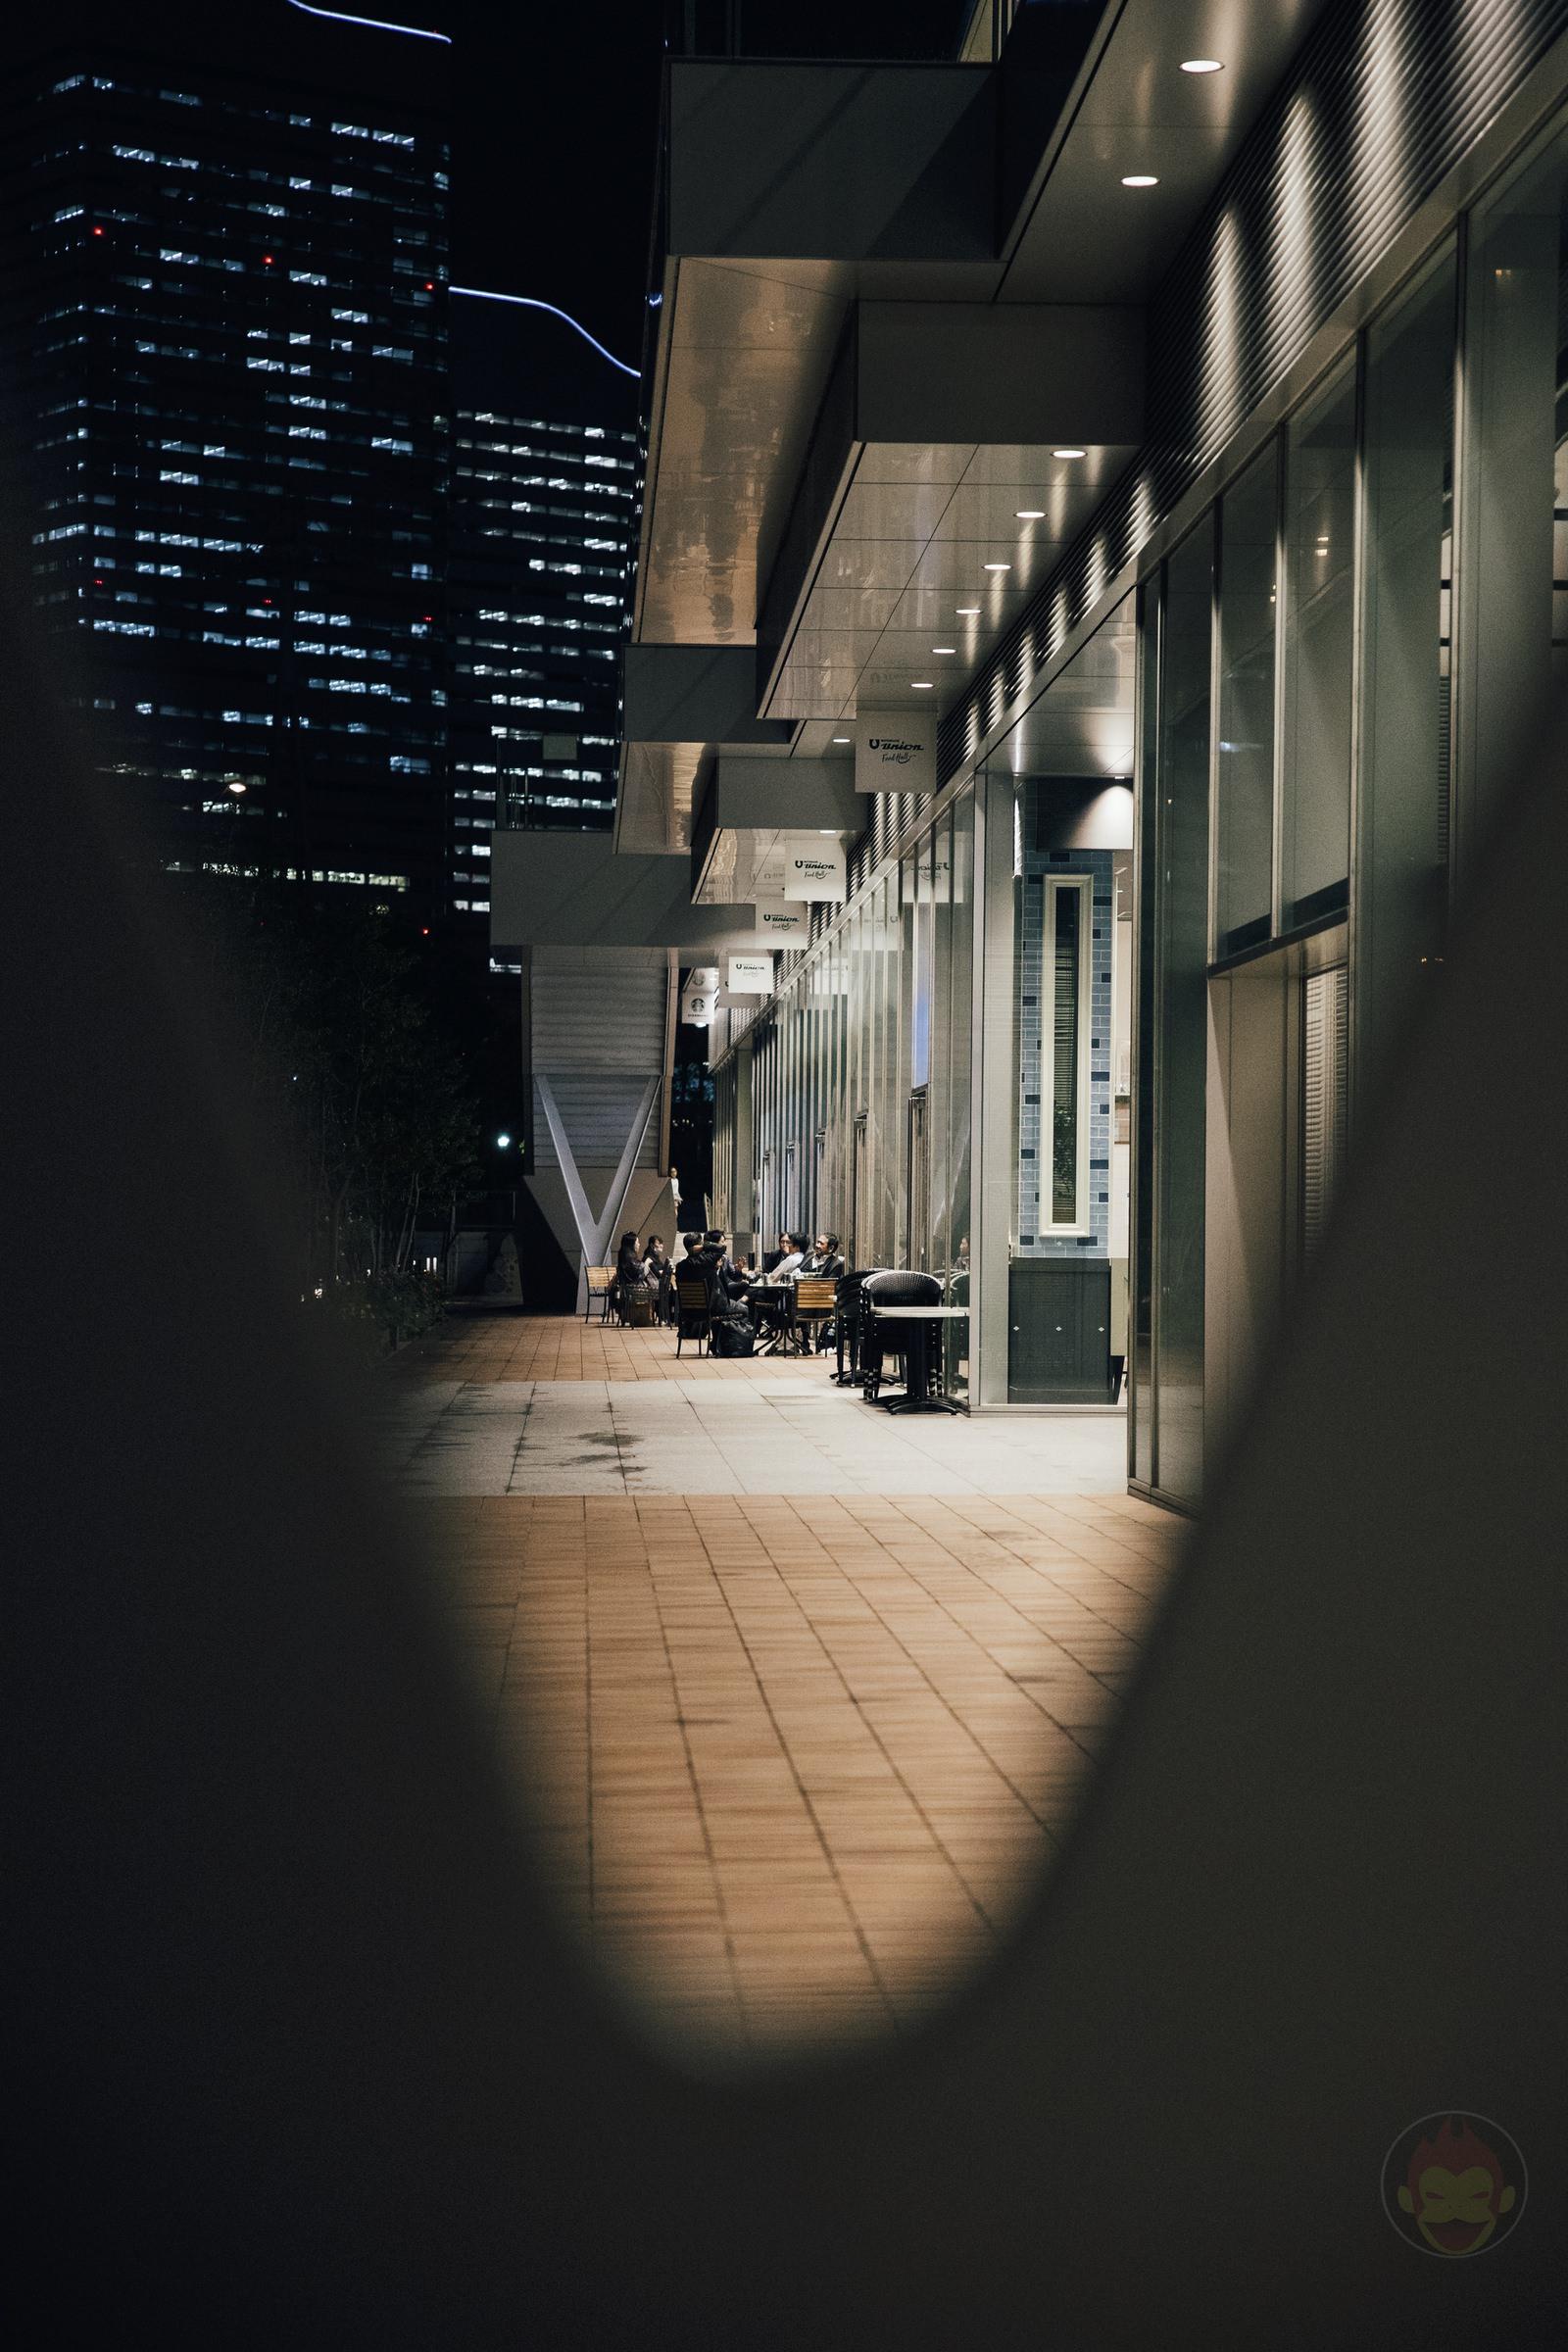 Photowalk around sakuragicho 04